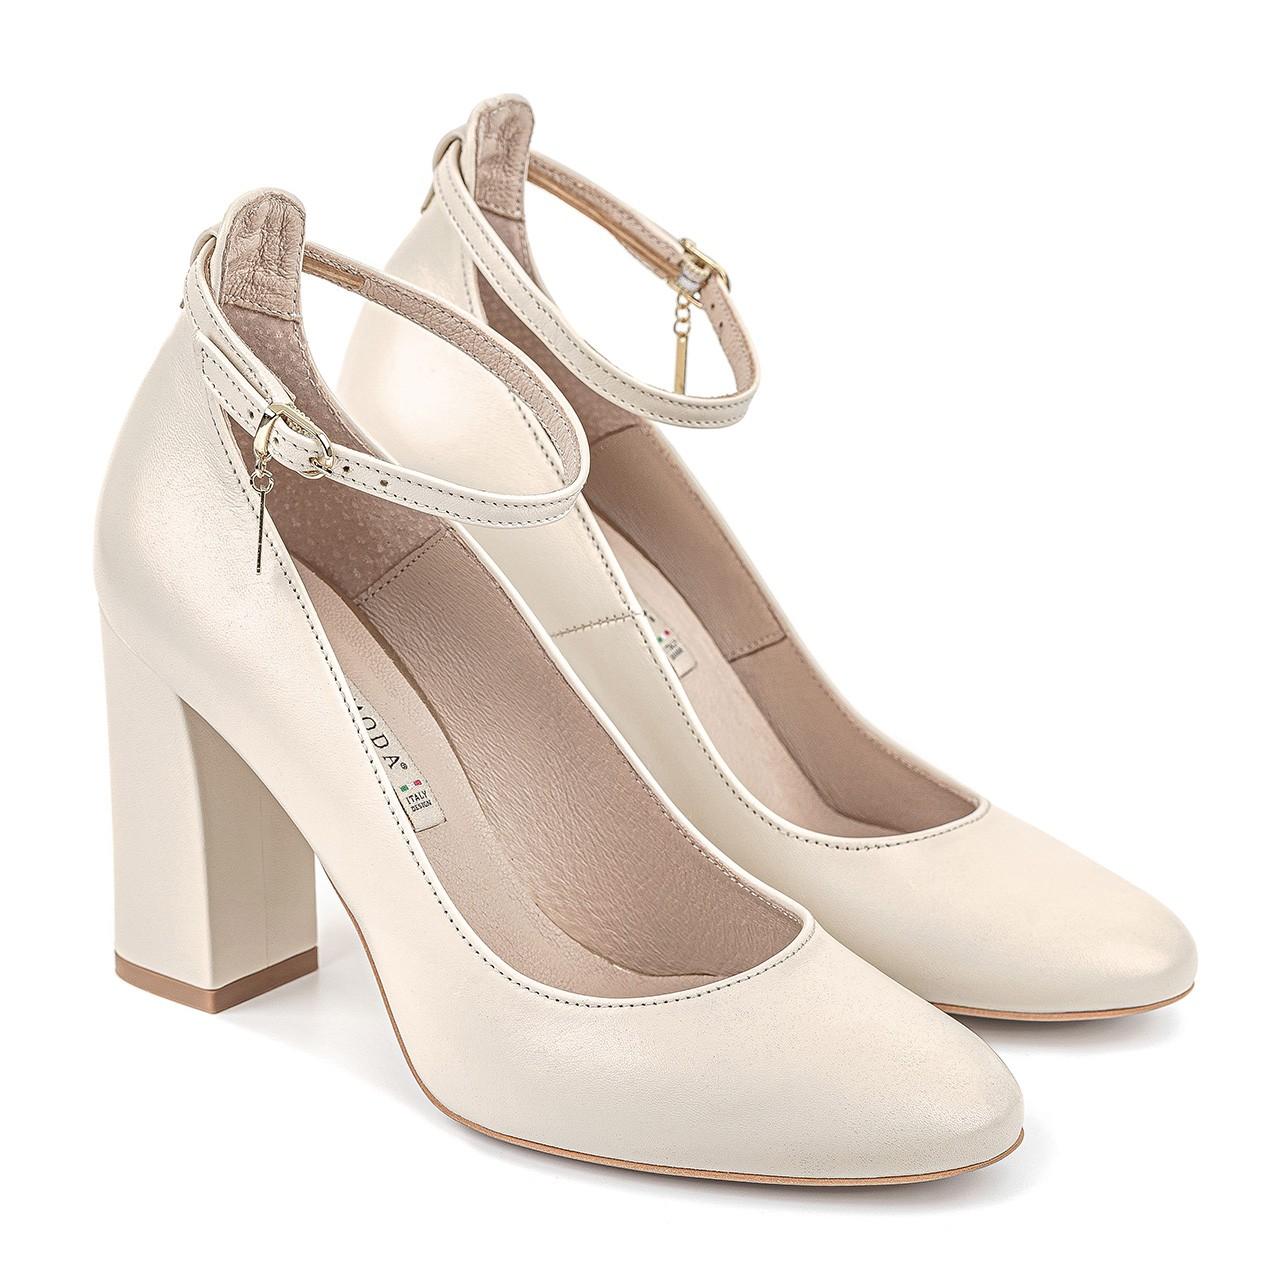 Kremowe skórzane buty na słupkowym obcasie zapinane przy kostce